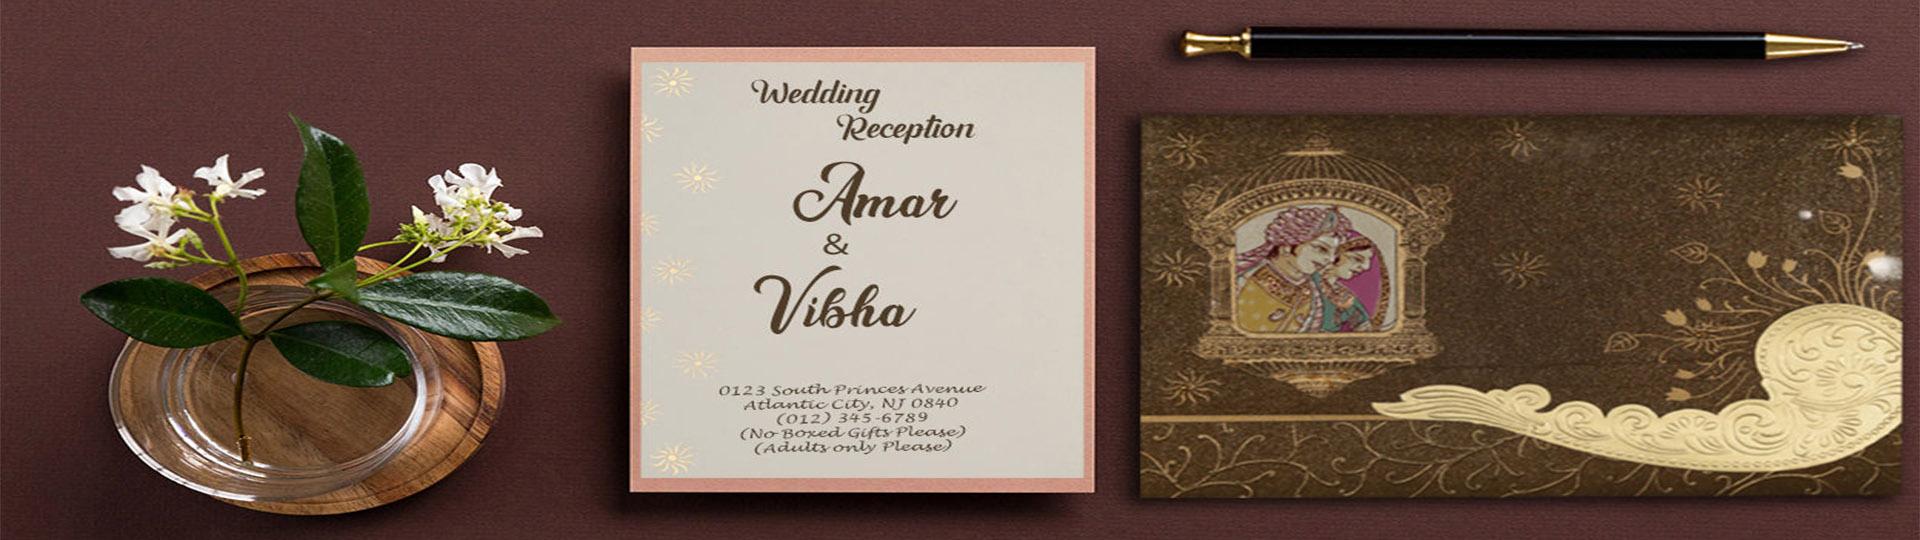 wedding-communication-shaadiwala-jaipur